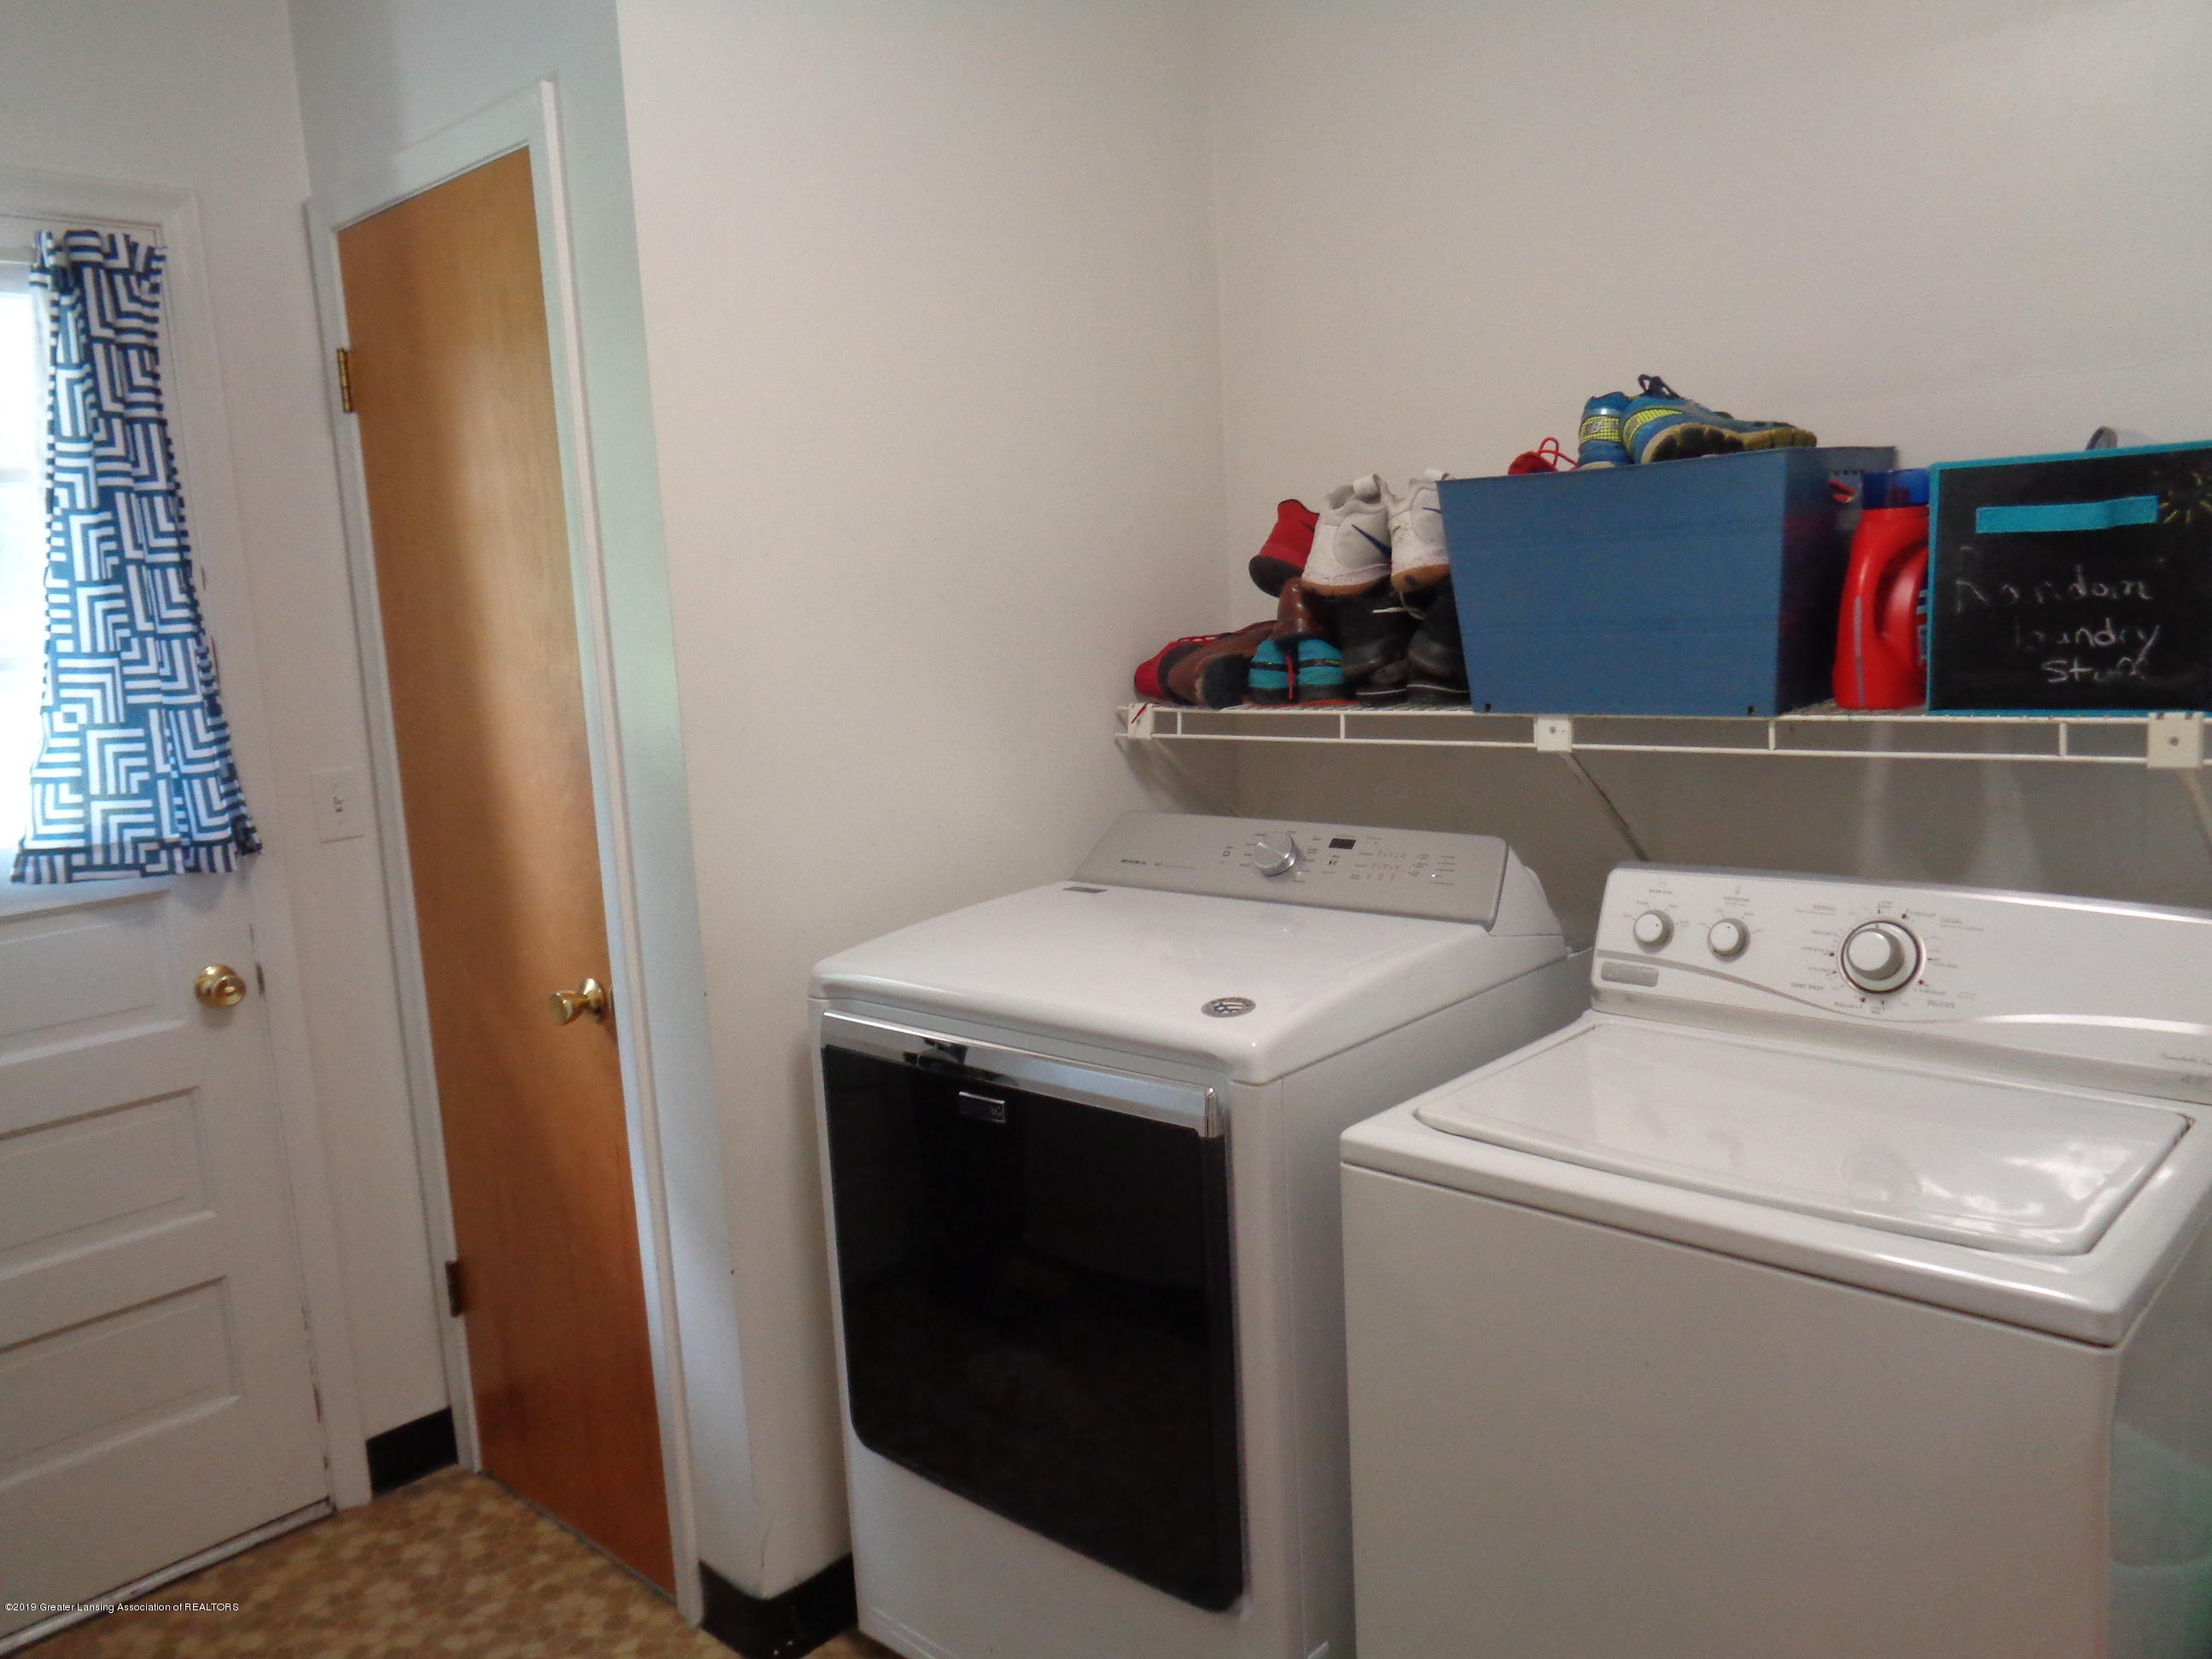 3525 W Kalamazoo St - kalamazoo laundry room - 8